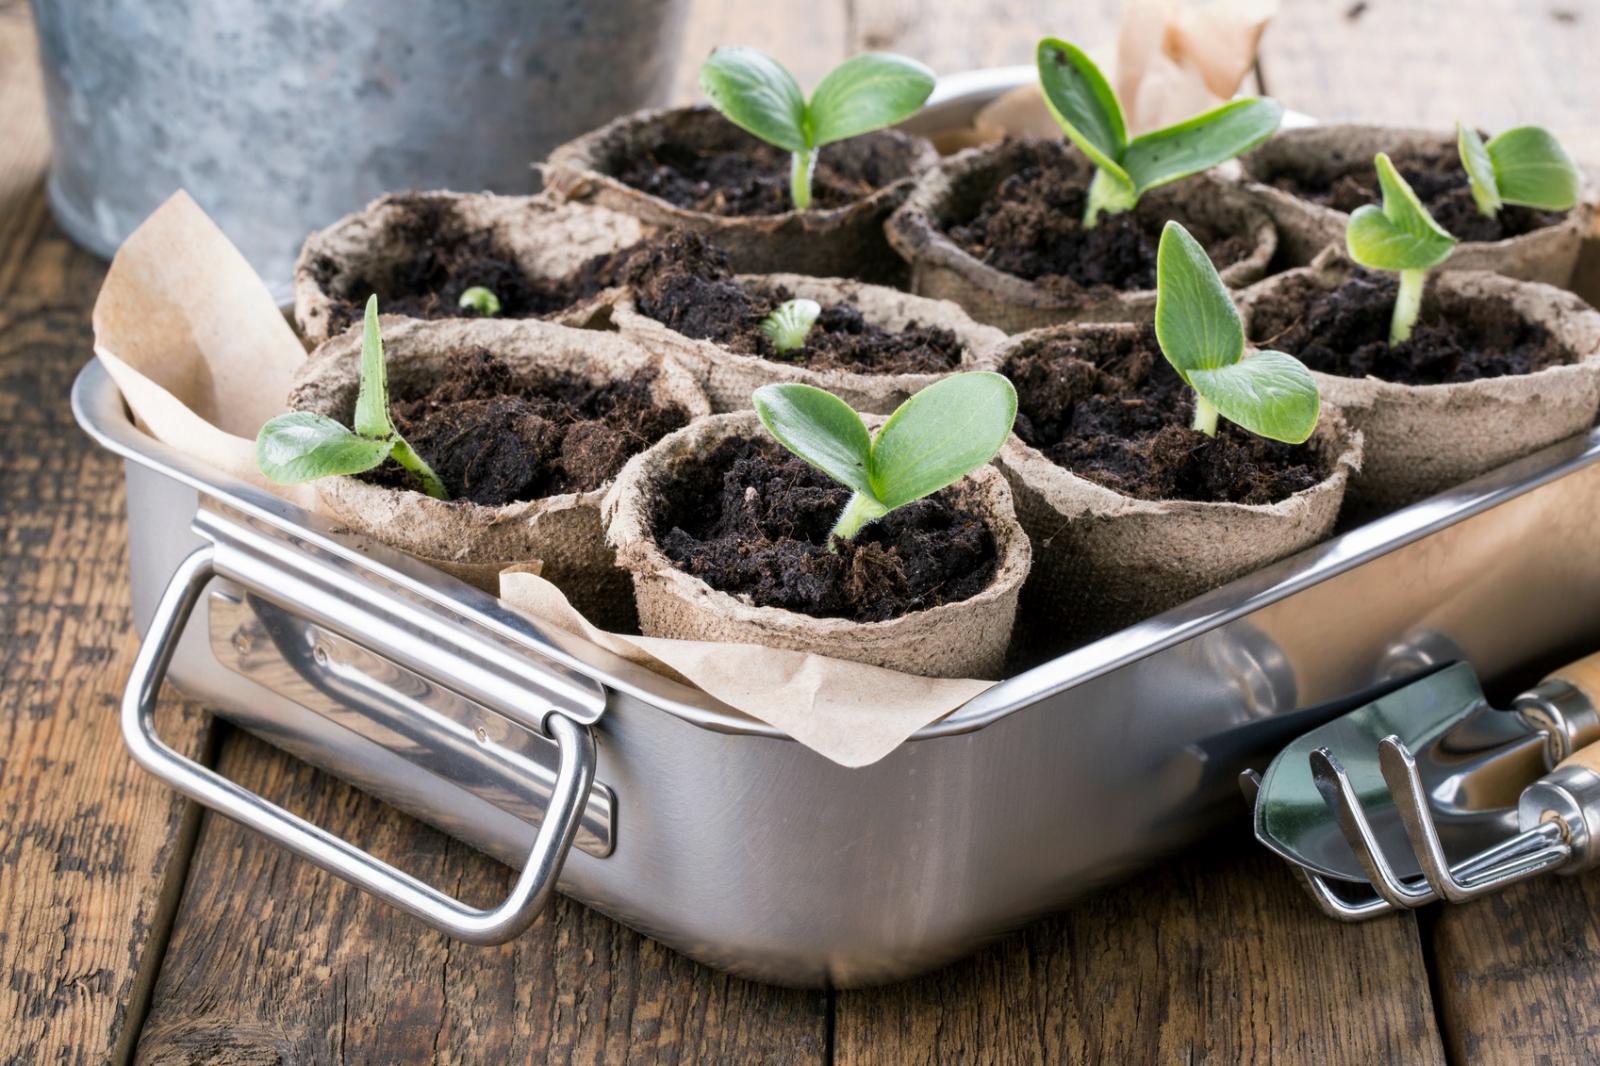 C Mo Cultivar Tu Propia Verdura Ecol Gica Ingredientes Que Suman ~ Como Hacer Una Huerta Ecologica